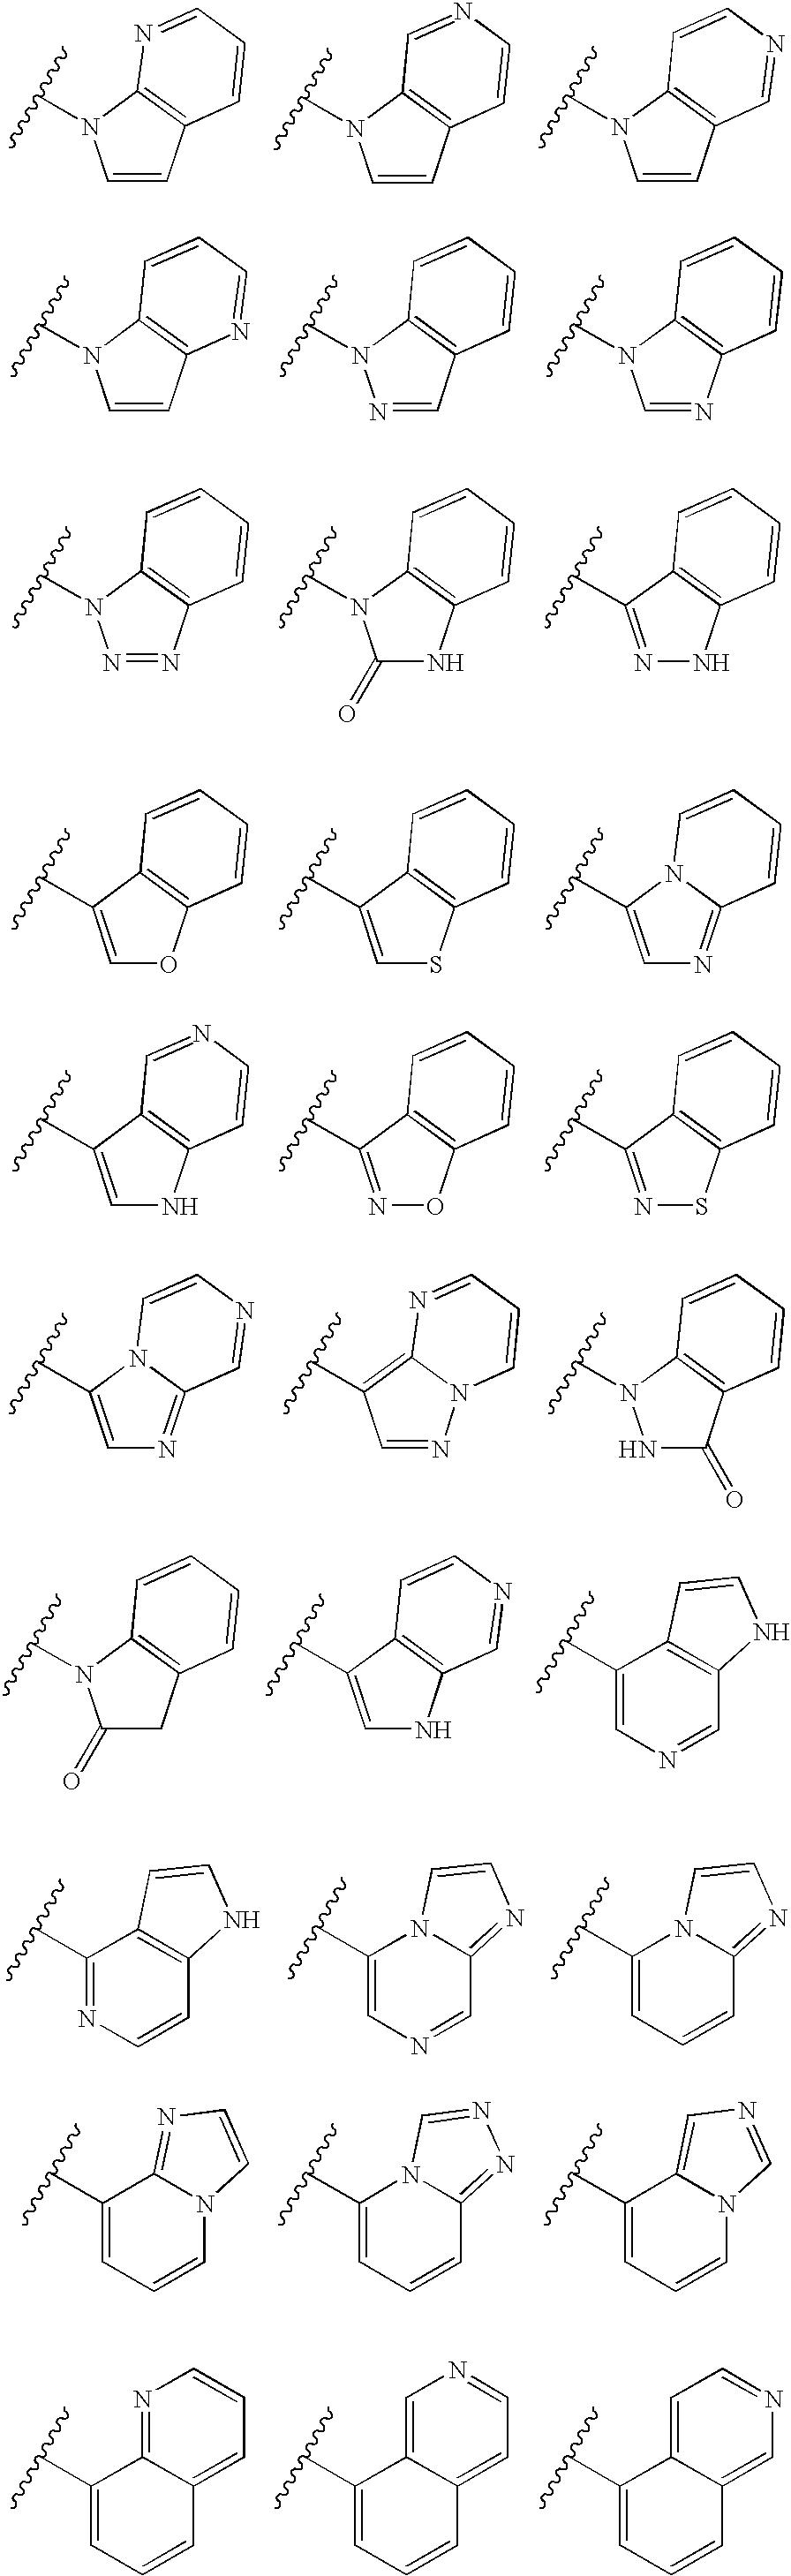 Figure US08173650-20120508-C00002